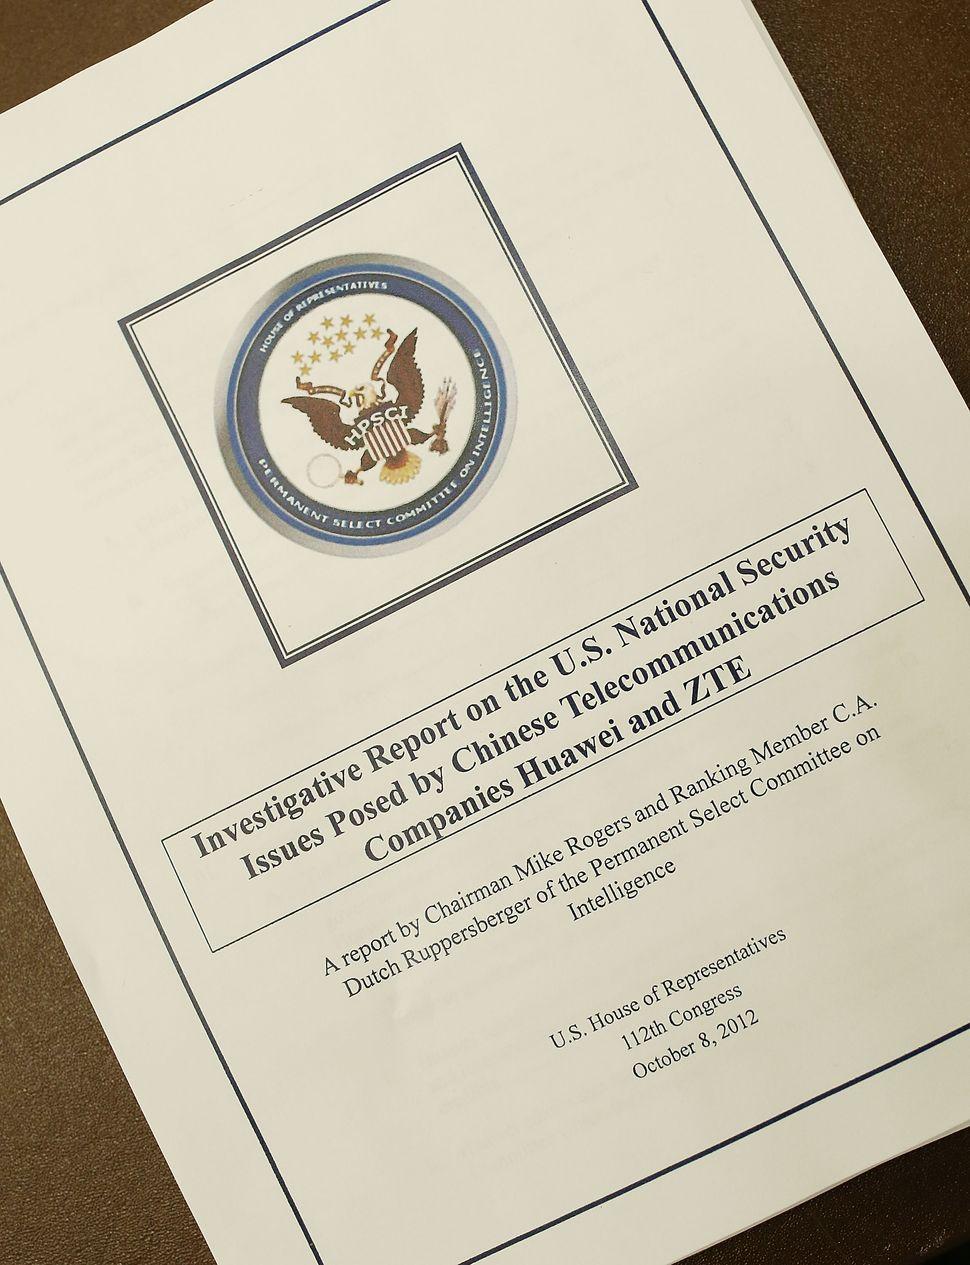 미국 하원 정보위원회가 1년여에 걸친 조사 끝에 발표한 '중국 이동통신 업체 화웨이와 ZTE가 초래하는 미국 국가안보 이슈에 대한 조사 보고서'의 모습. 2012년